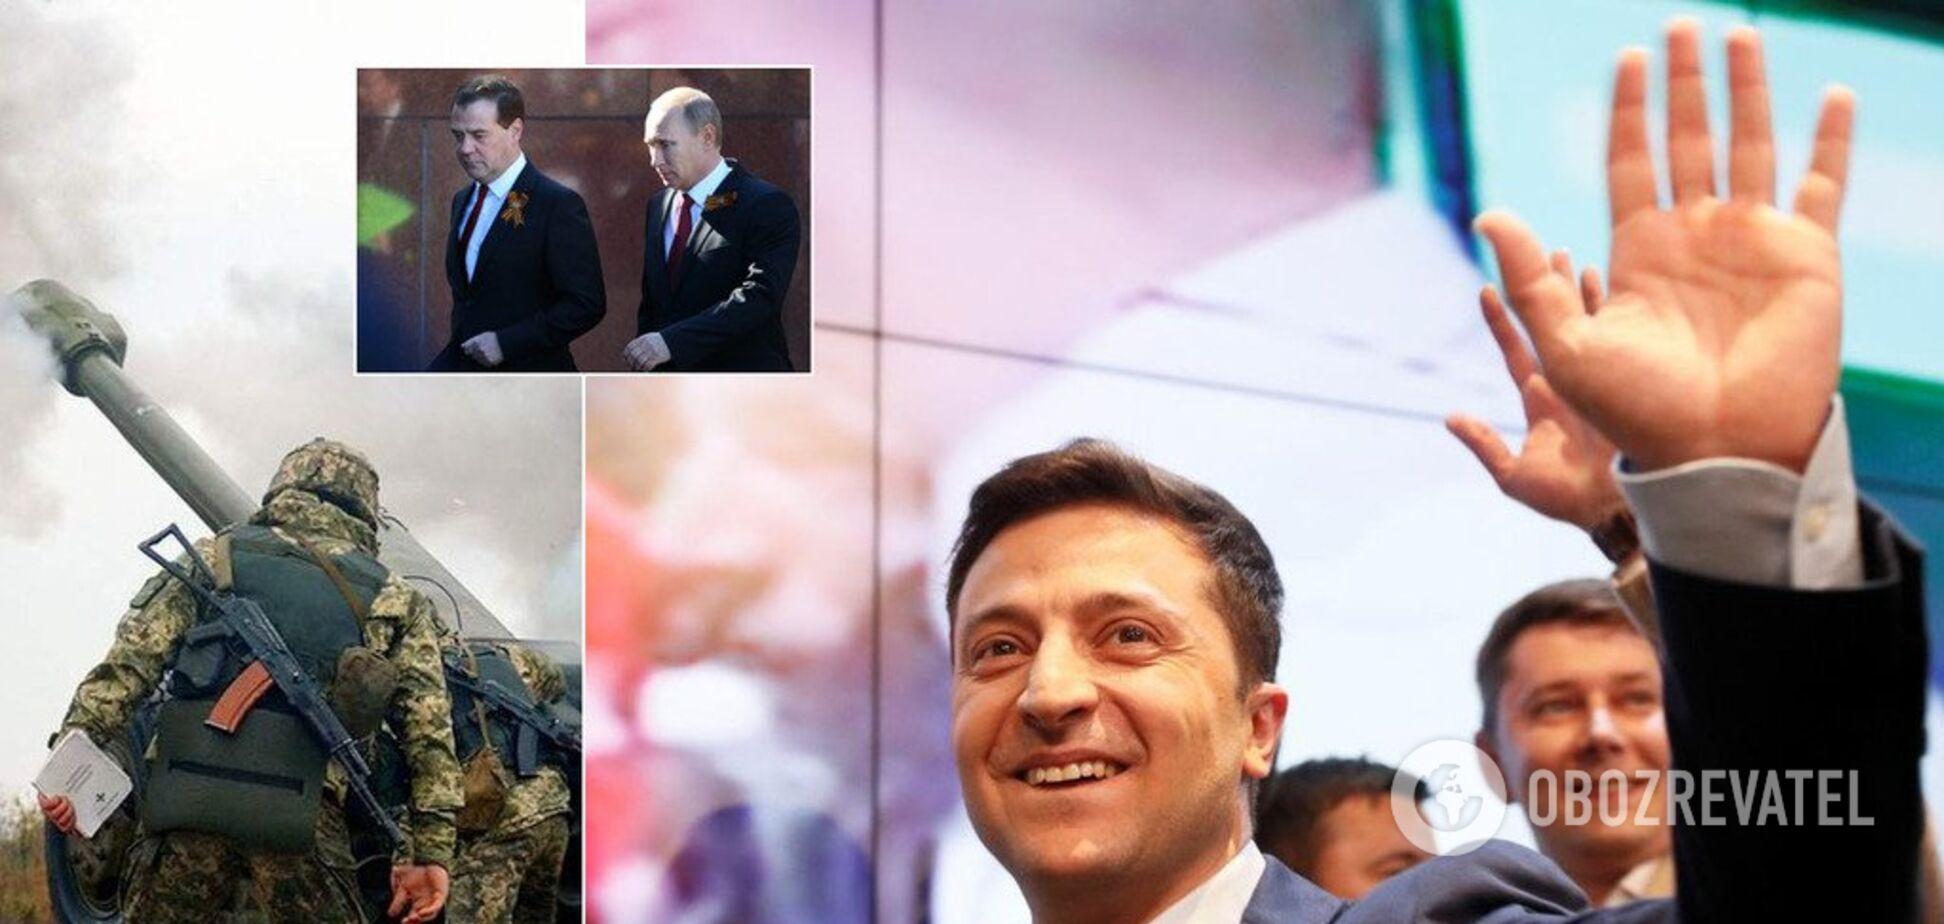 'Гра буде цікавою': Зеленський планує 'взятися' за Донбас, у Москві — пожвавилися